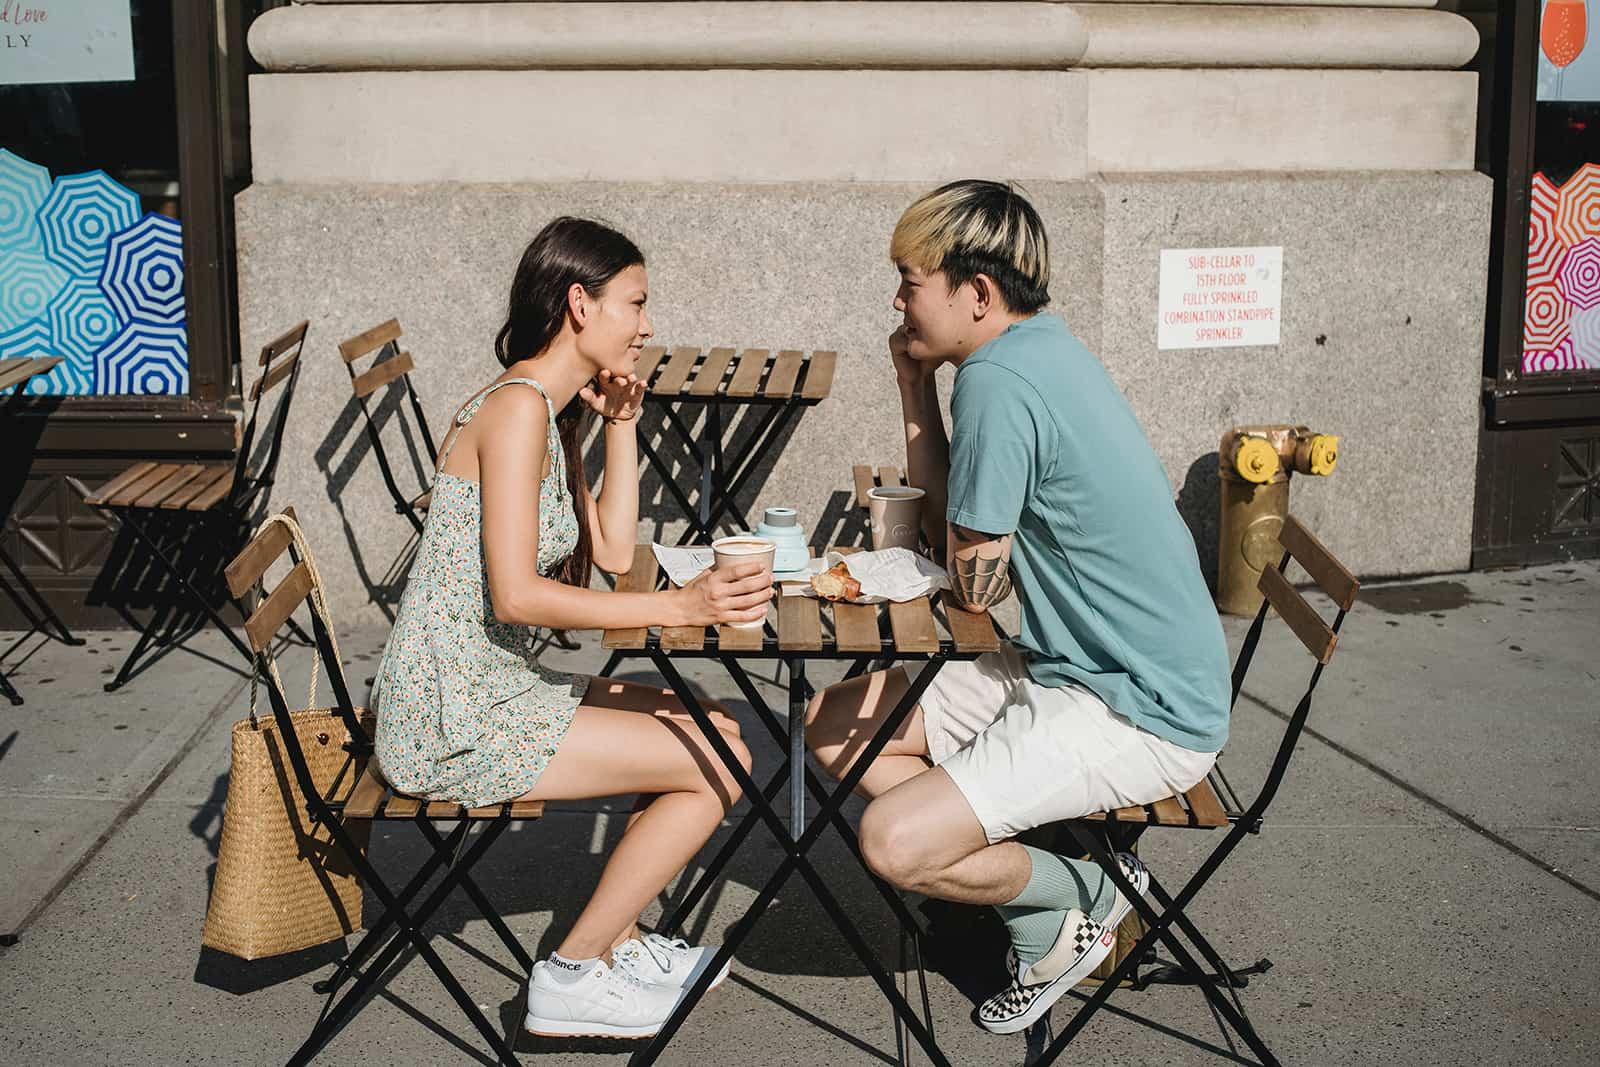 Ein Mann und eine Frau schauen sich bei einem Date in einem Café in die Augen